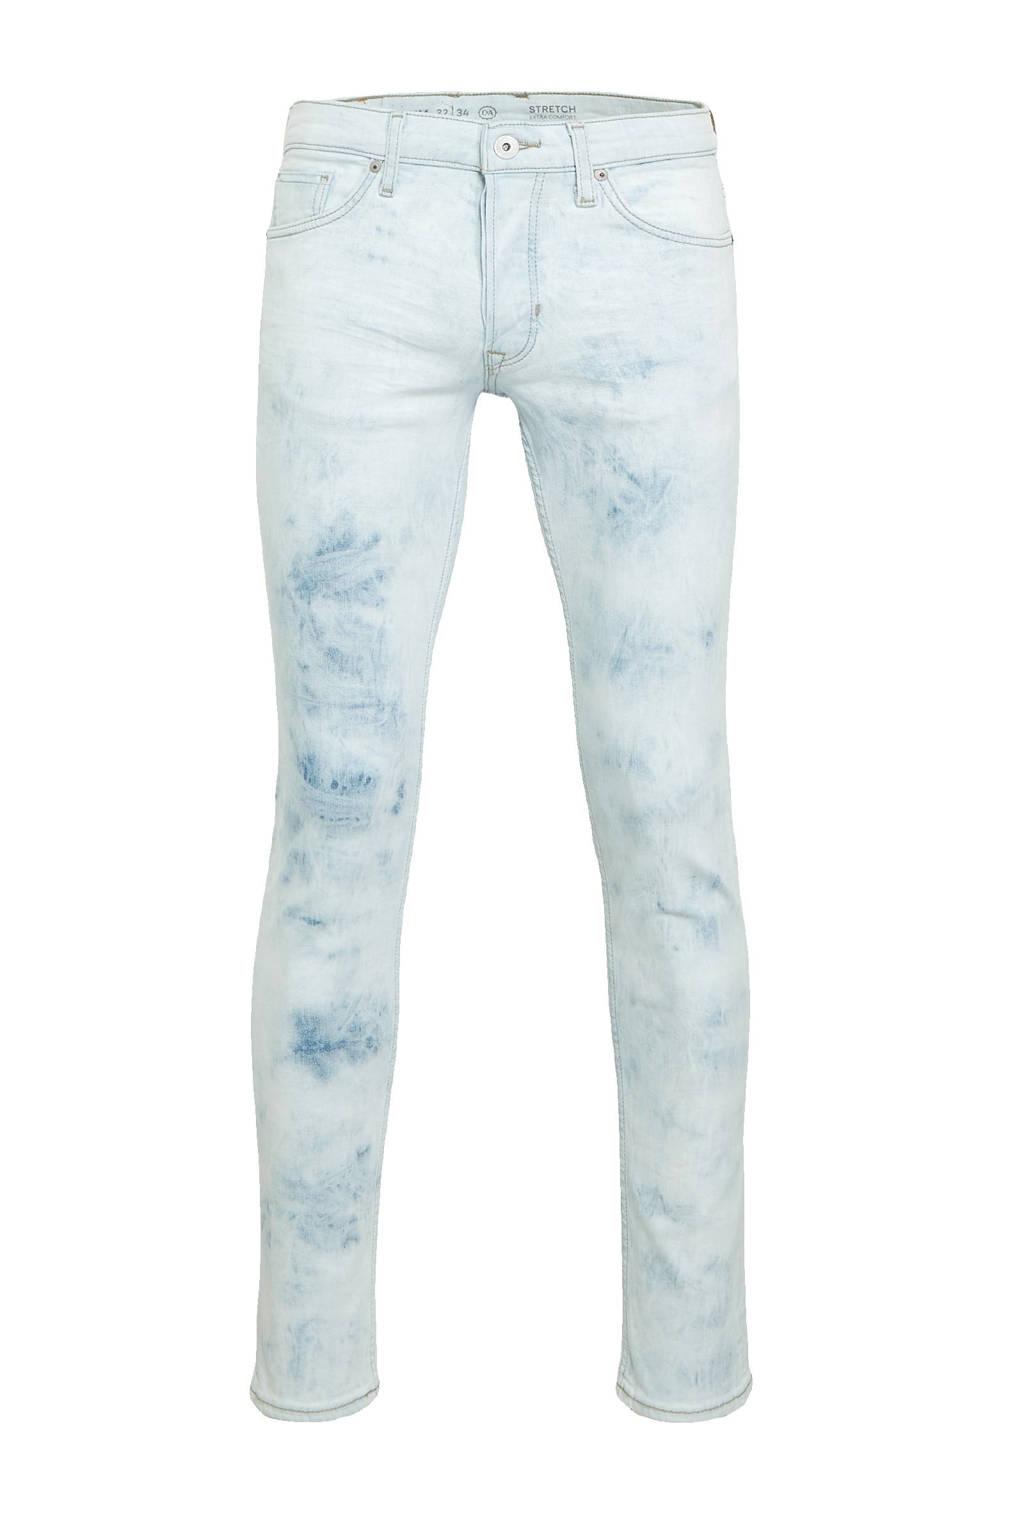 C&A The Denim slim fit jeans lichtblauw, Lichtblauw